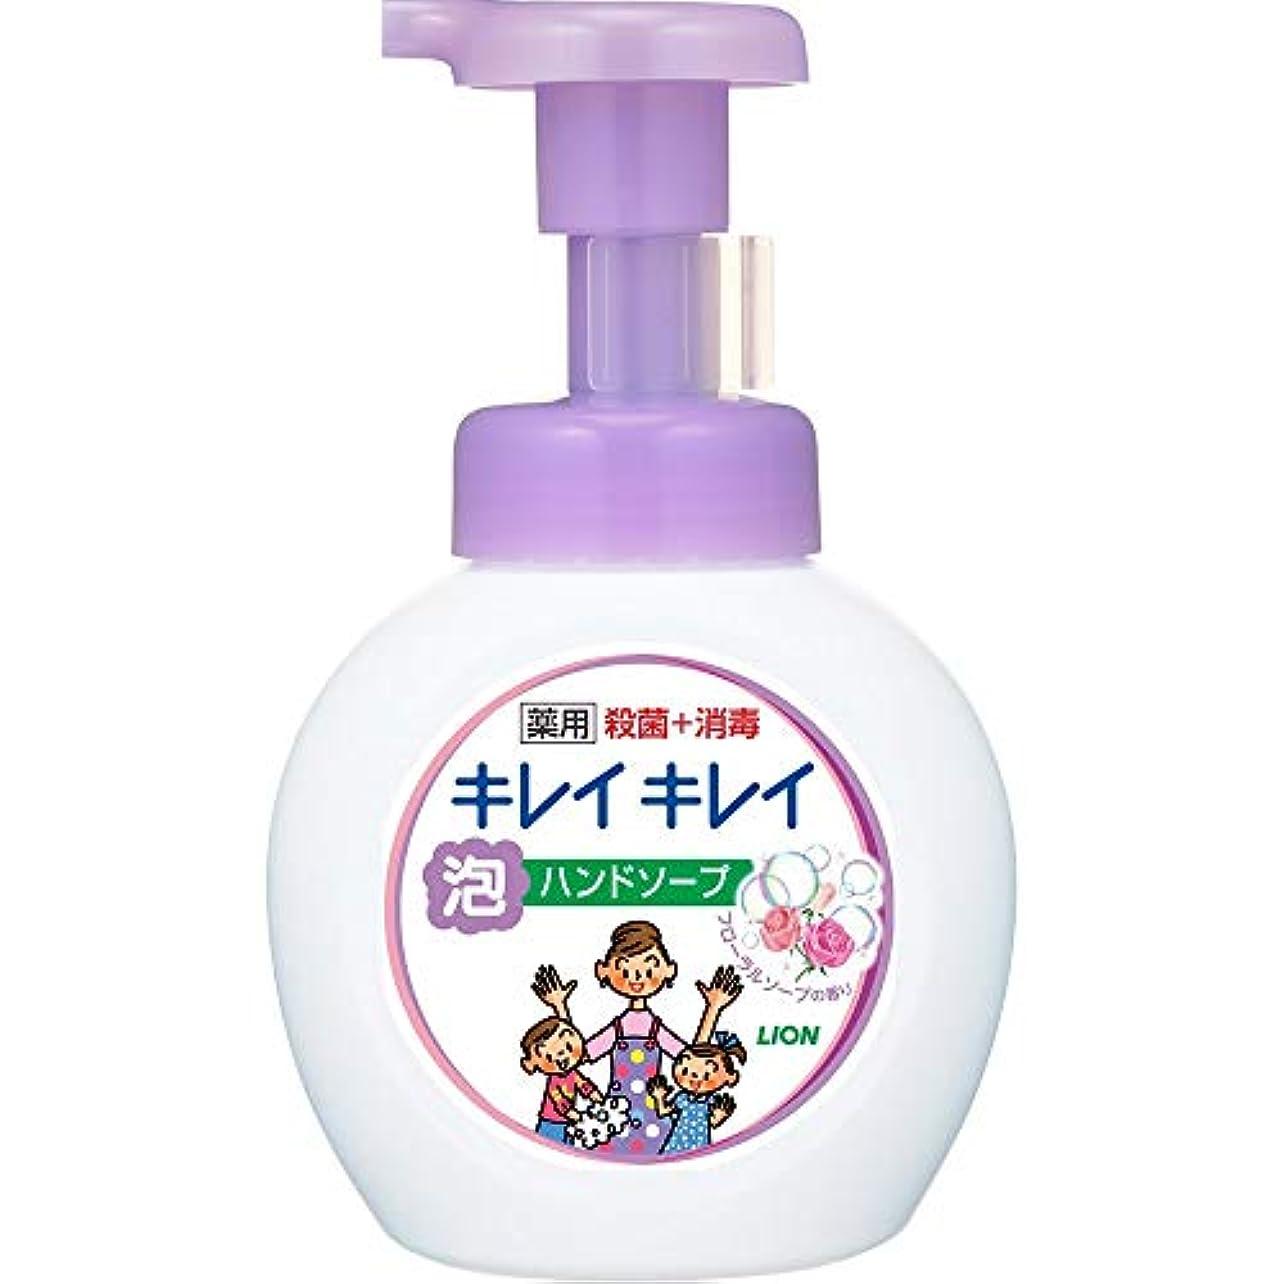 ホールド形状壮大なキレイキレイ薬用泡ハンドソープ フローラルソープの香り 本体250mL+詰替450mL